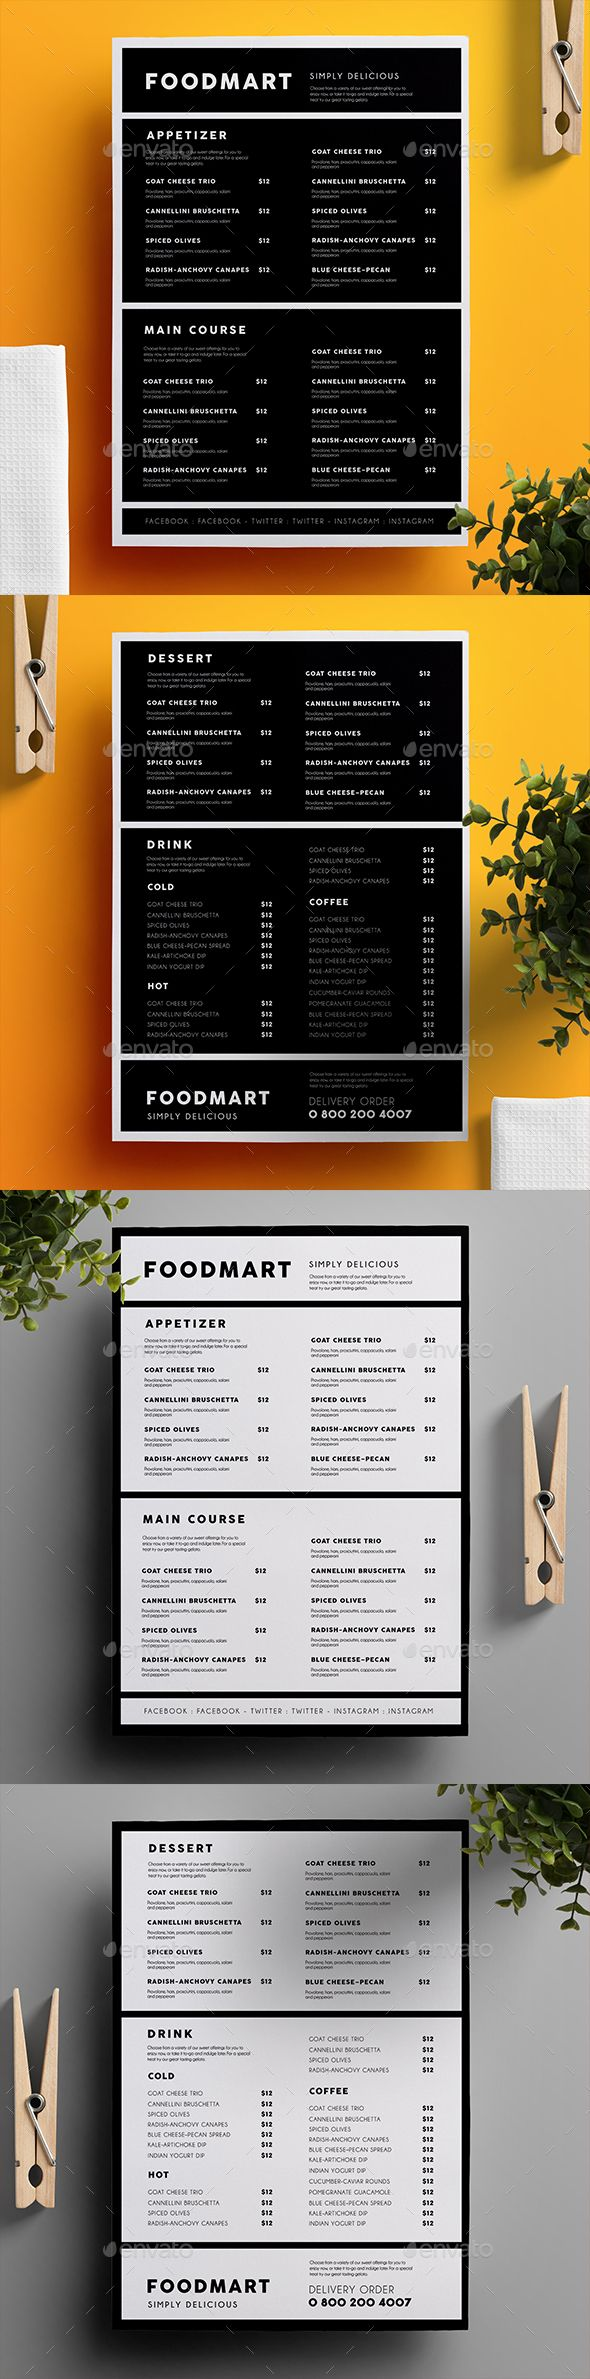 25 Best Ideas about Restaurant Menu Template – Food Menu Template